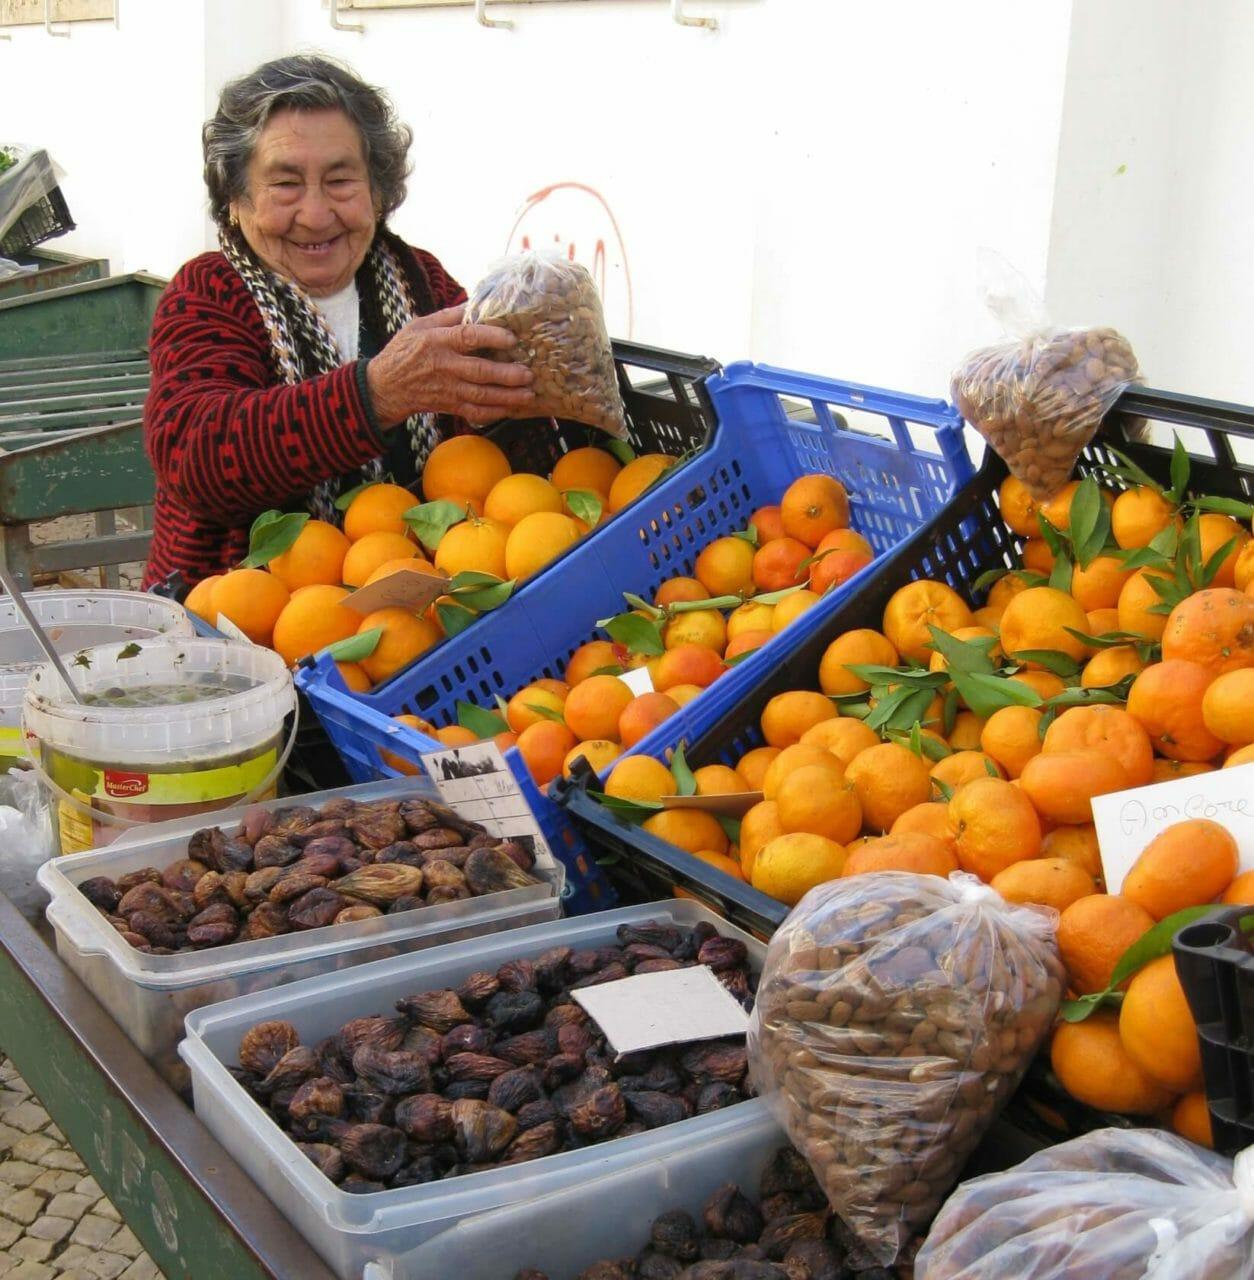 Vale Fuzeiros Marktfrau am Obststand